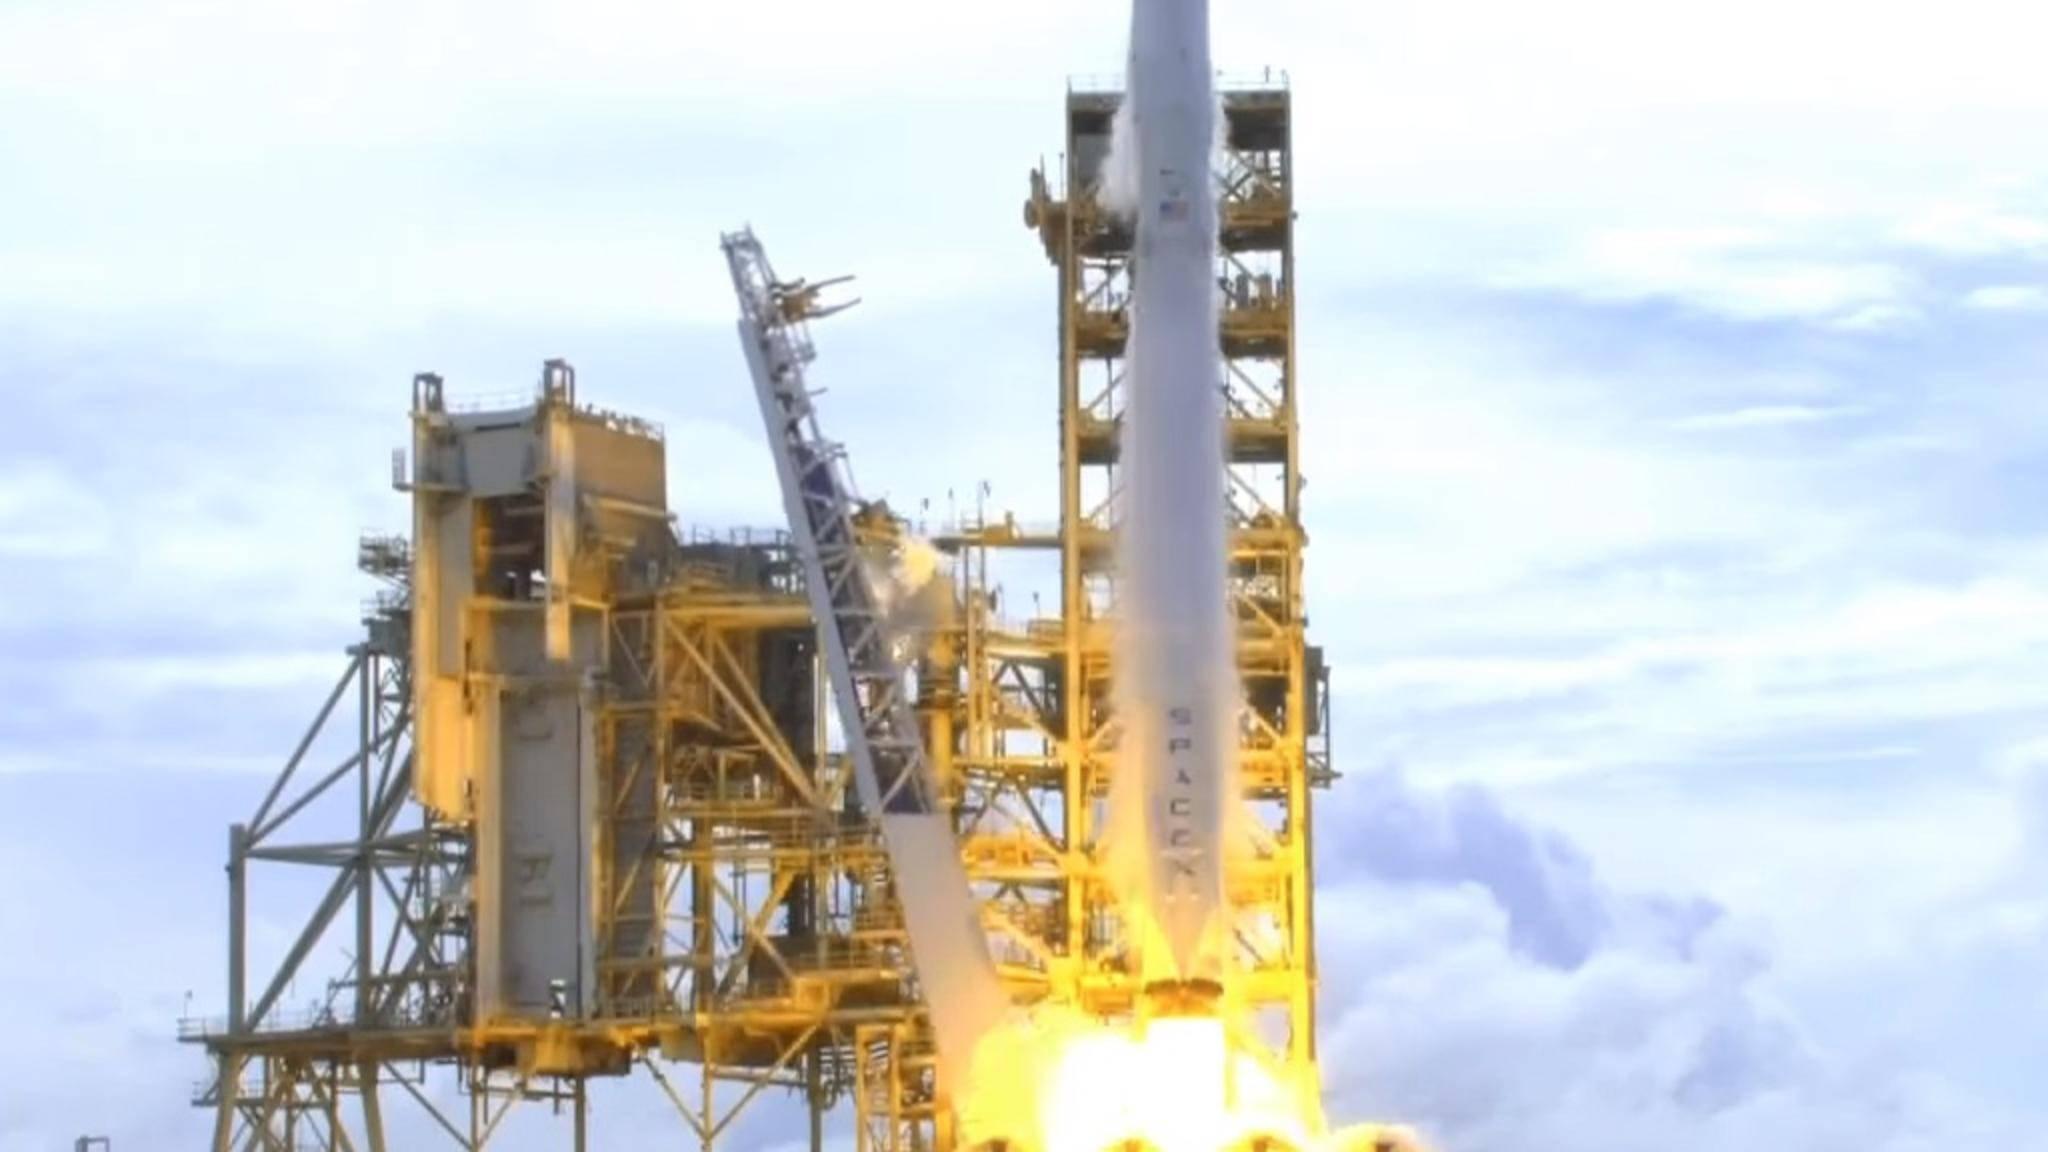 SpaceX möchte wohl bald mit einer Falcon-9-Rakete zwei Testsatelliten für globales Internet in die Erdumlaufbahn schießen.